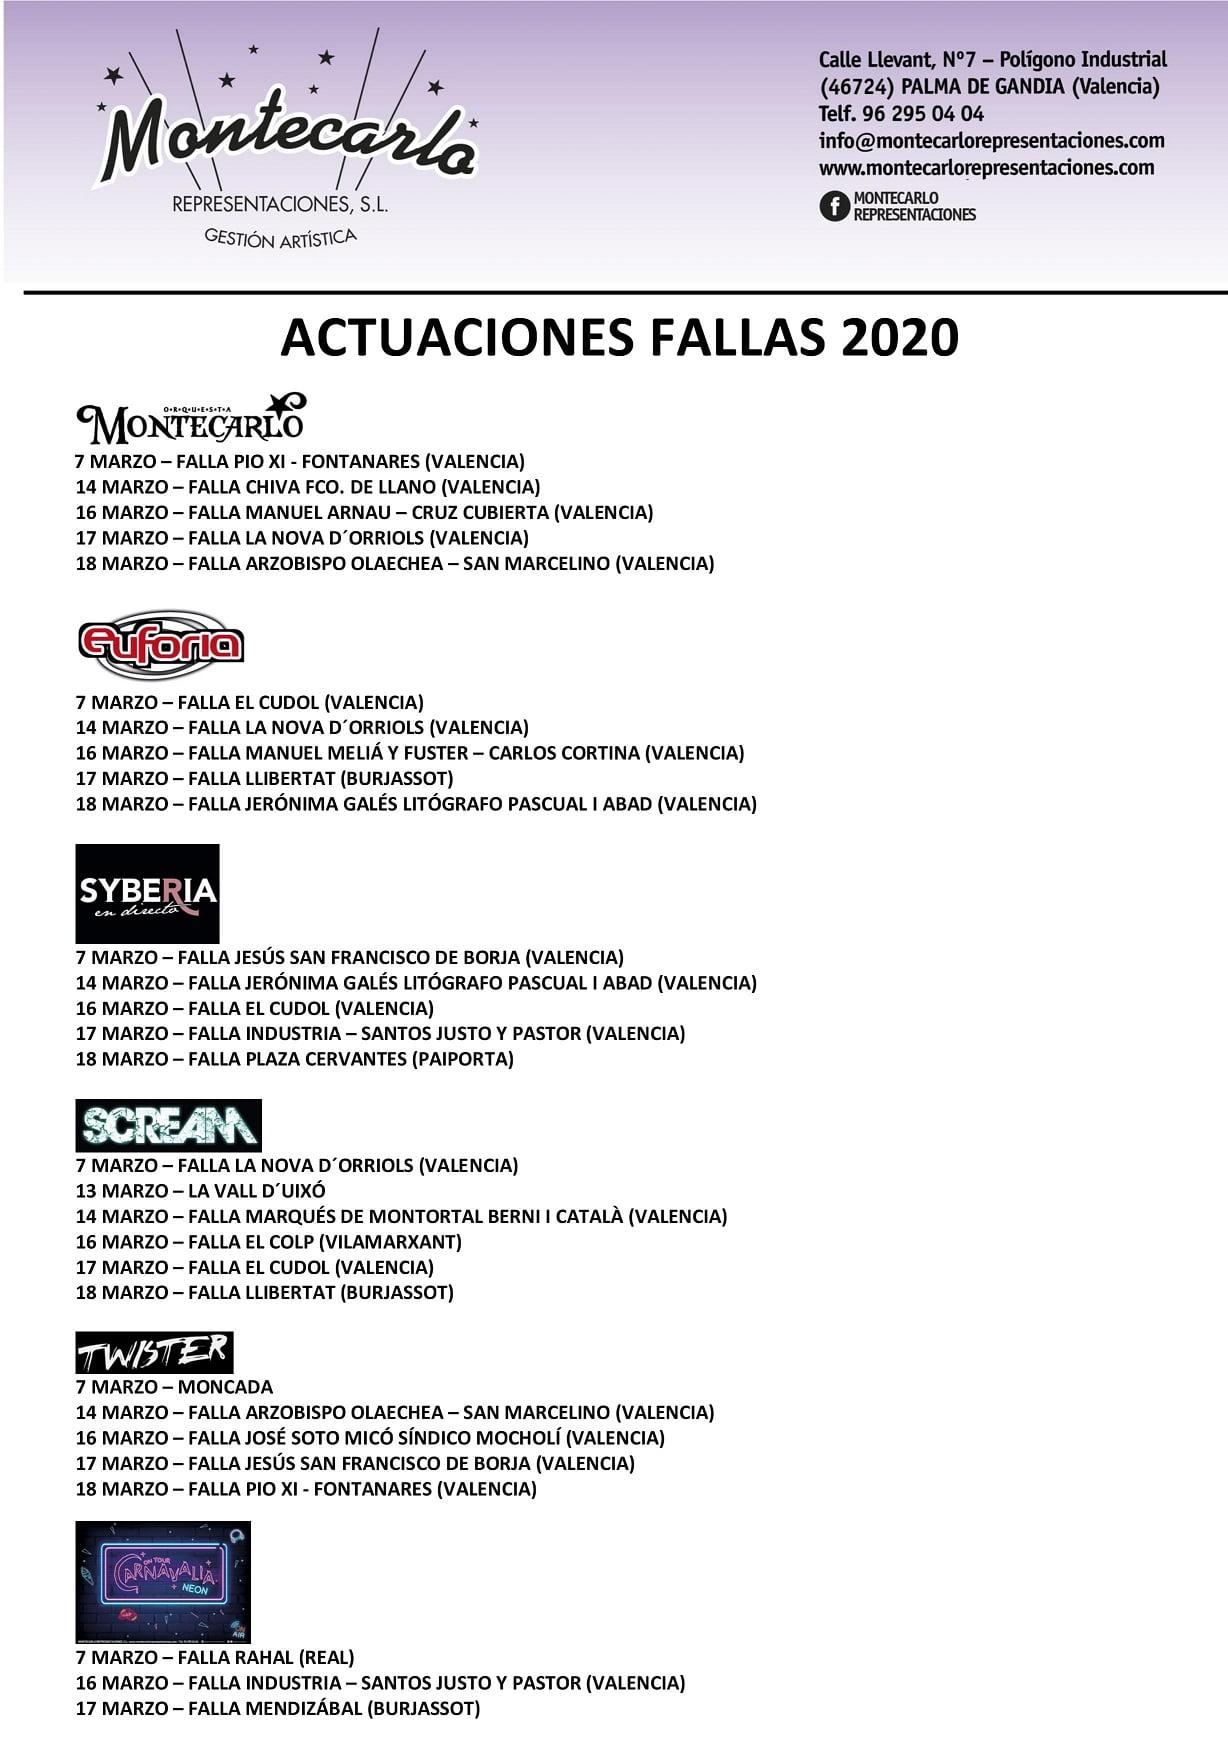 FALLAS 2020: Verbenas, orquestas y discomóviles 36